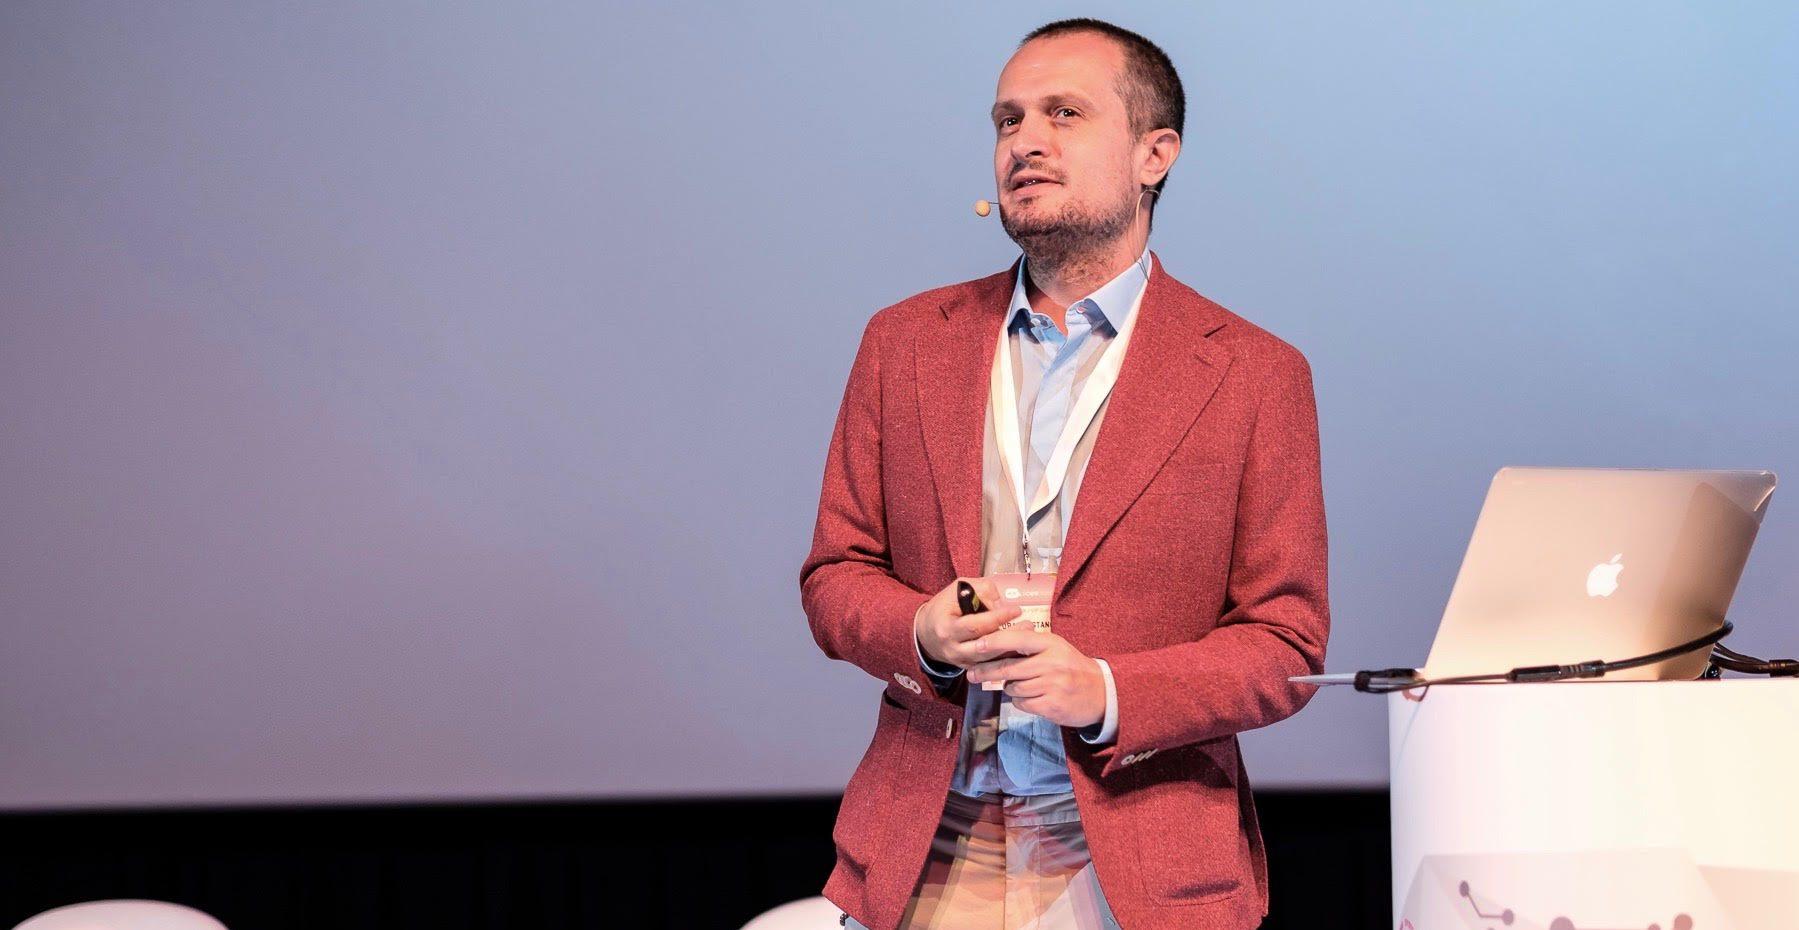 """Dragoș Stanca rămâne președintele BRAT. A fost validat și proiectul """"Publicitate responsabilă în media de încredere"""""""